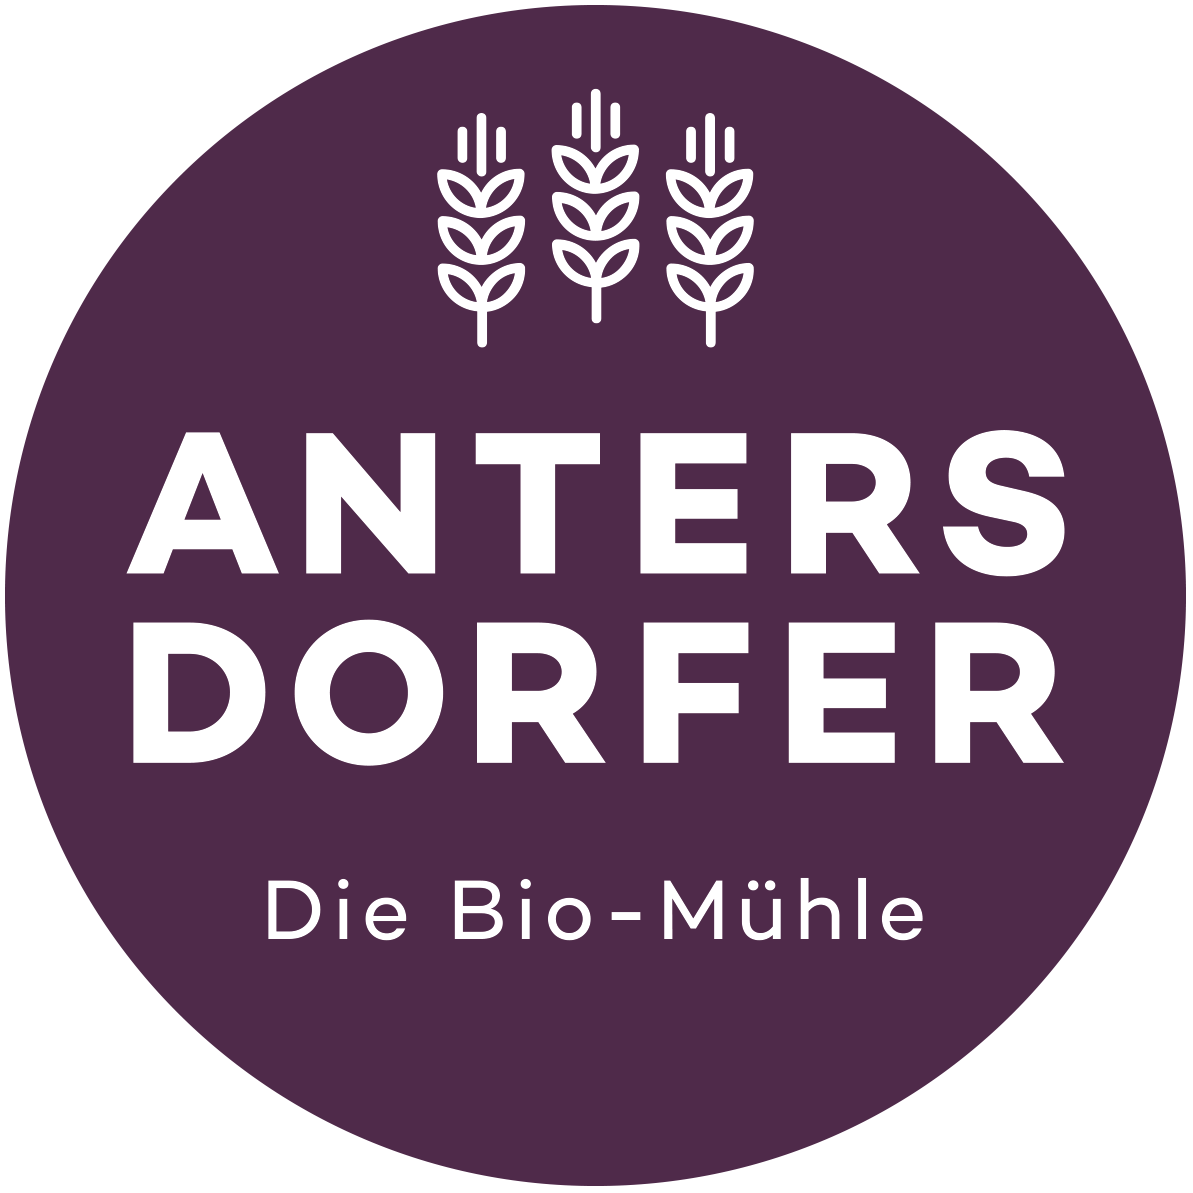 Antersdorfer Muehle